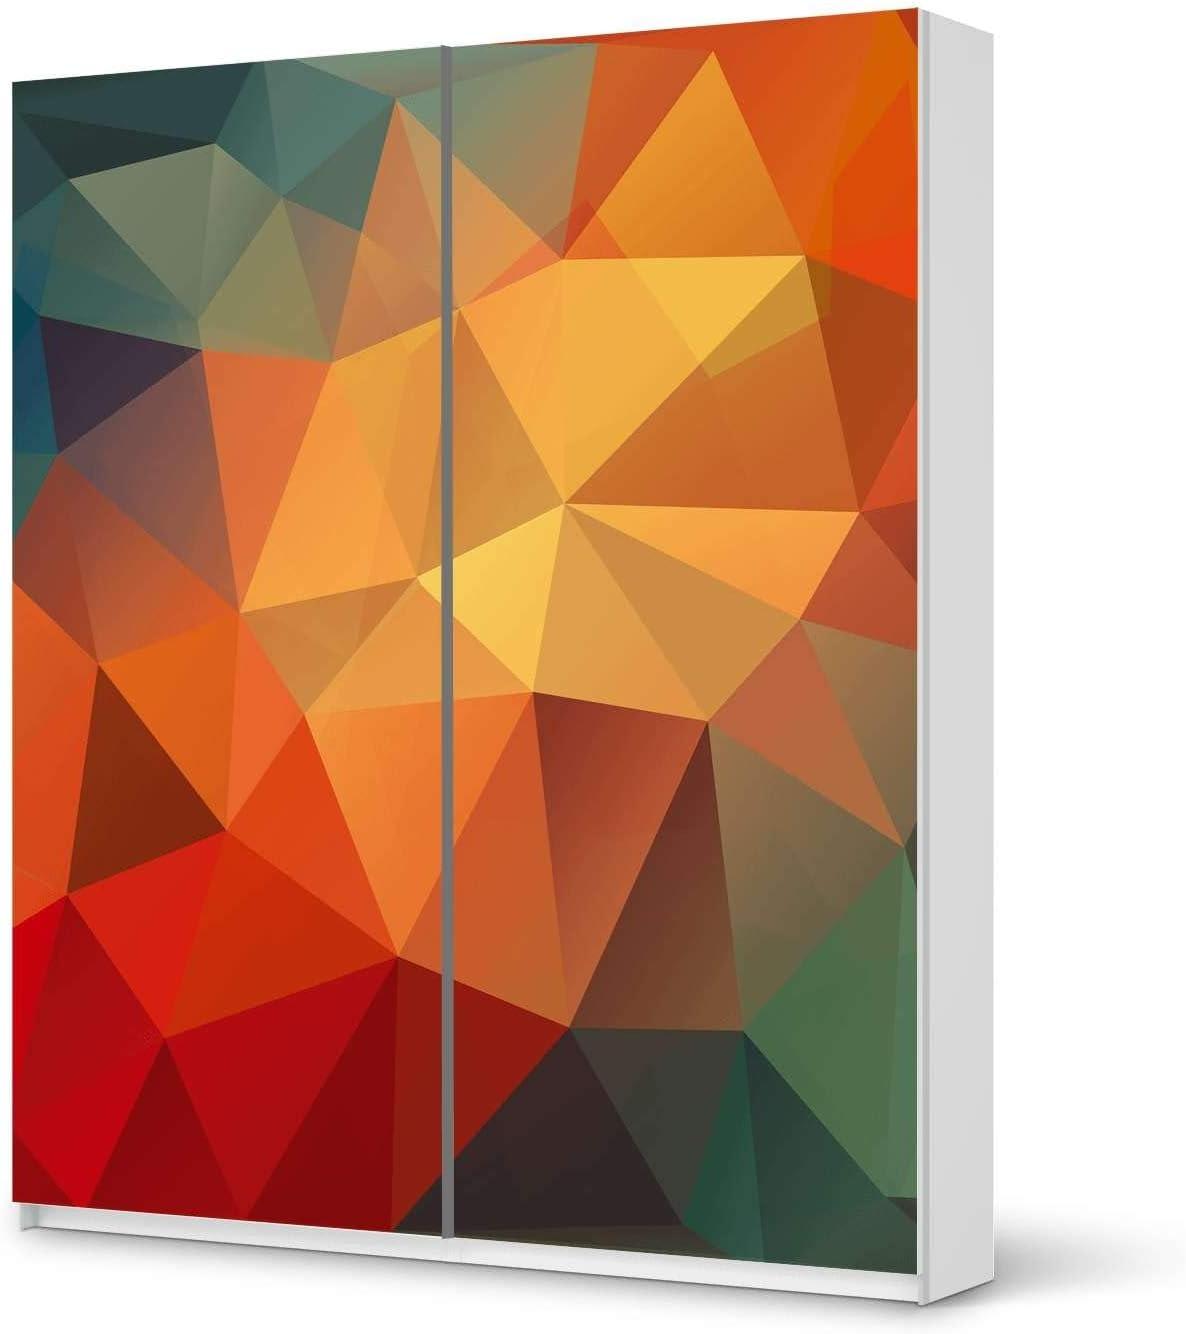 Pegatinas Muebles IKEA Pax Armario 201 cm Altura – Puerta corredera/Diseño Pegatinas Stars/Autoadhesivo Protección: Amazon.es: Hogar